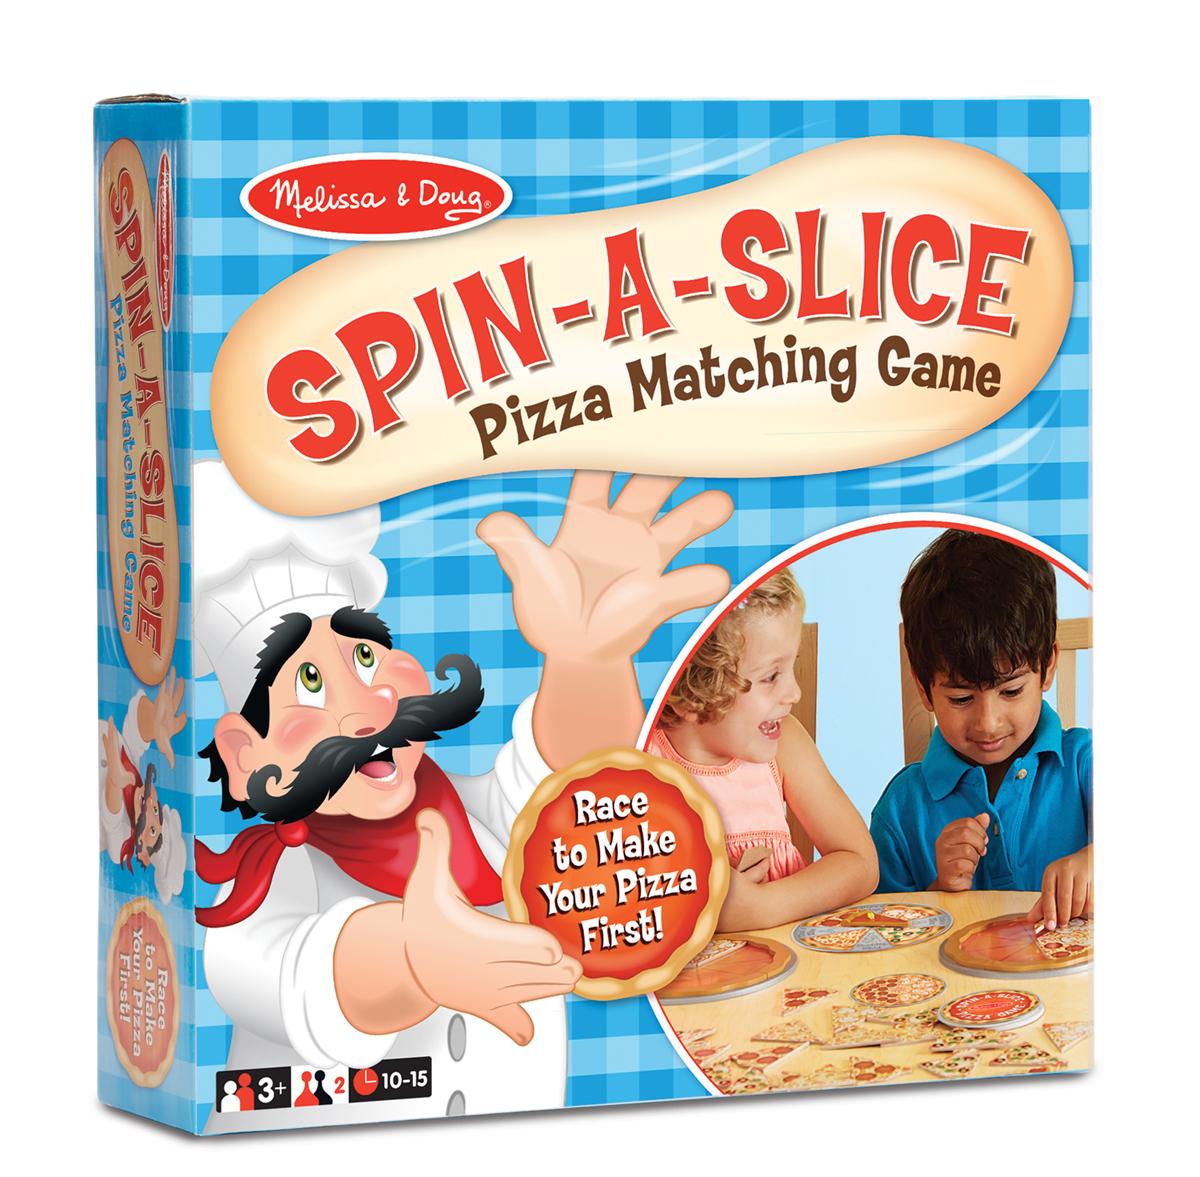 Игровой деревянный набор Приготовь пиццуРазвивающие<br>Игровой деревянный набор Приготовь пиццу<br>